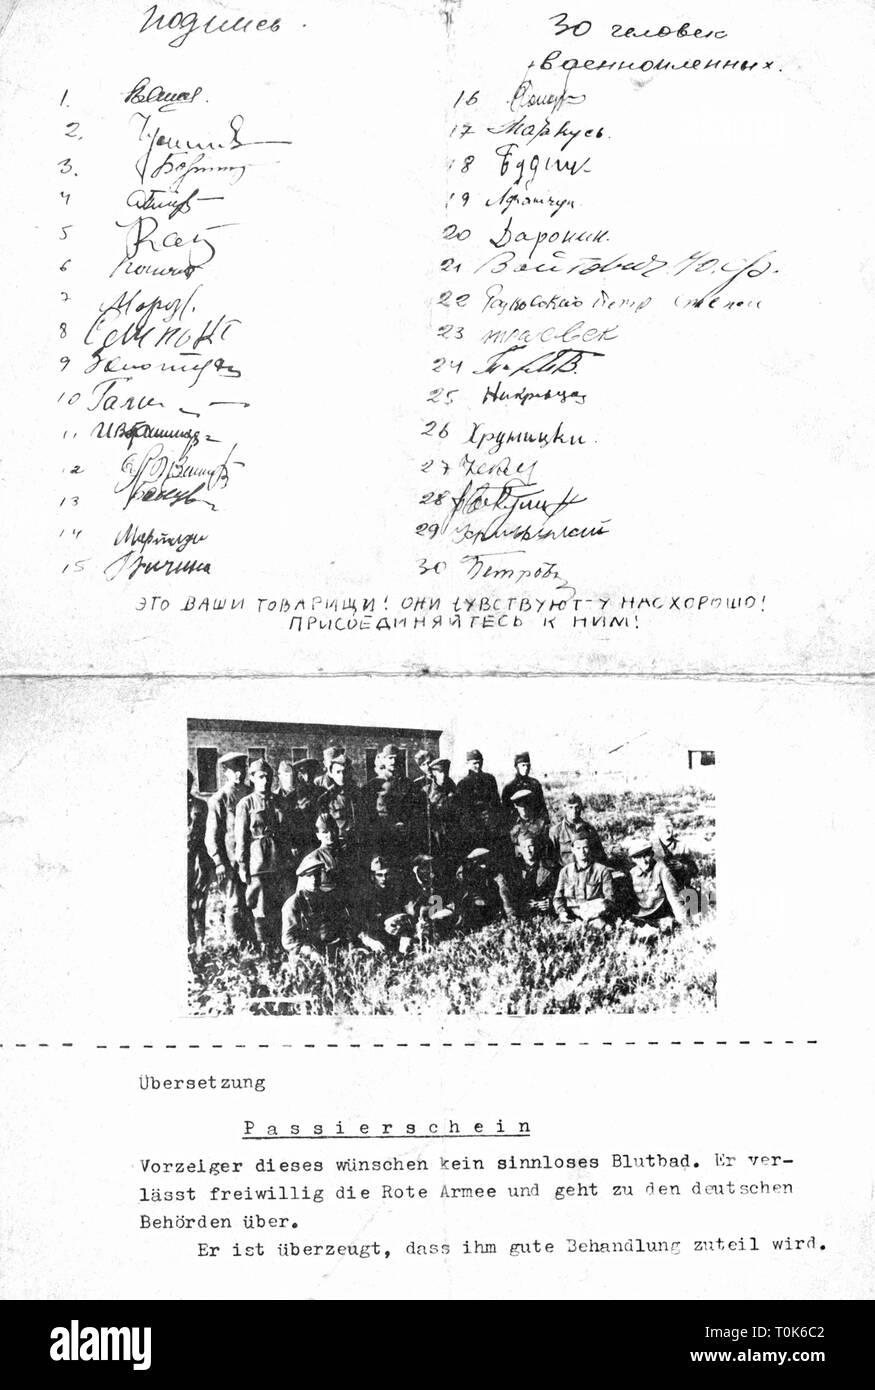 Veranstaltungen, Zweiten Weltkrieg/WWII, Propaganda, Deutsche Faltblatt mit Pass für sowjetische Soldaten, 1941, Additional-Rights - Clearance-Info - Not-Available Stockbild